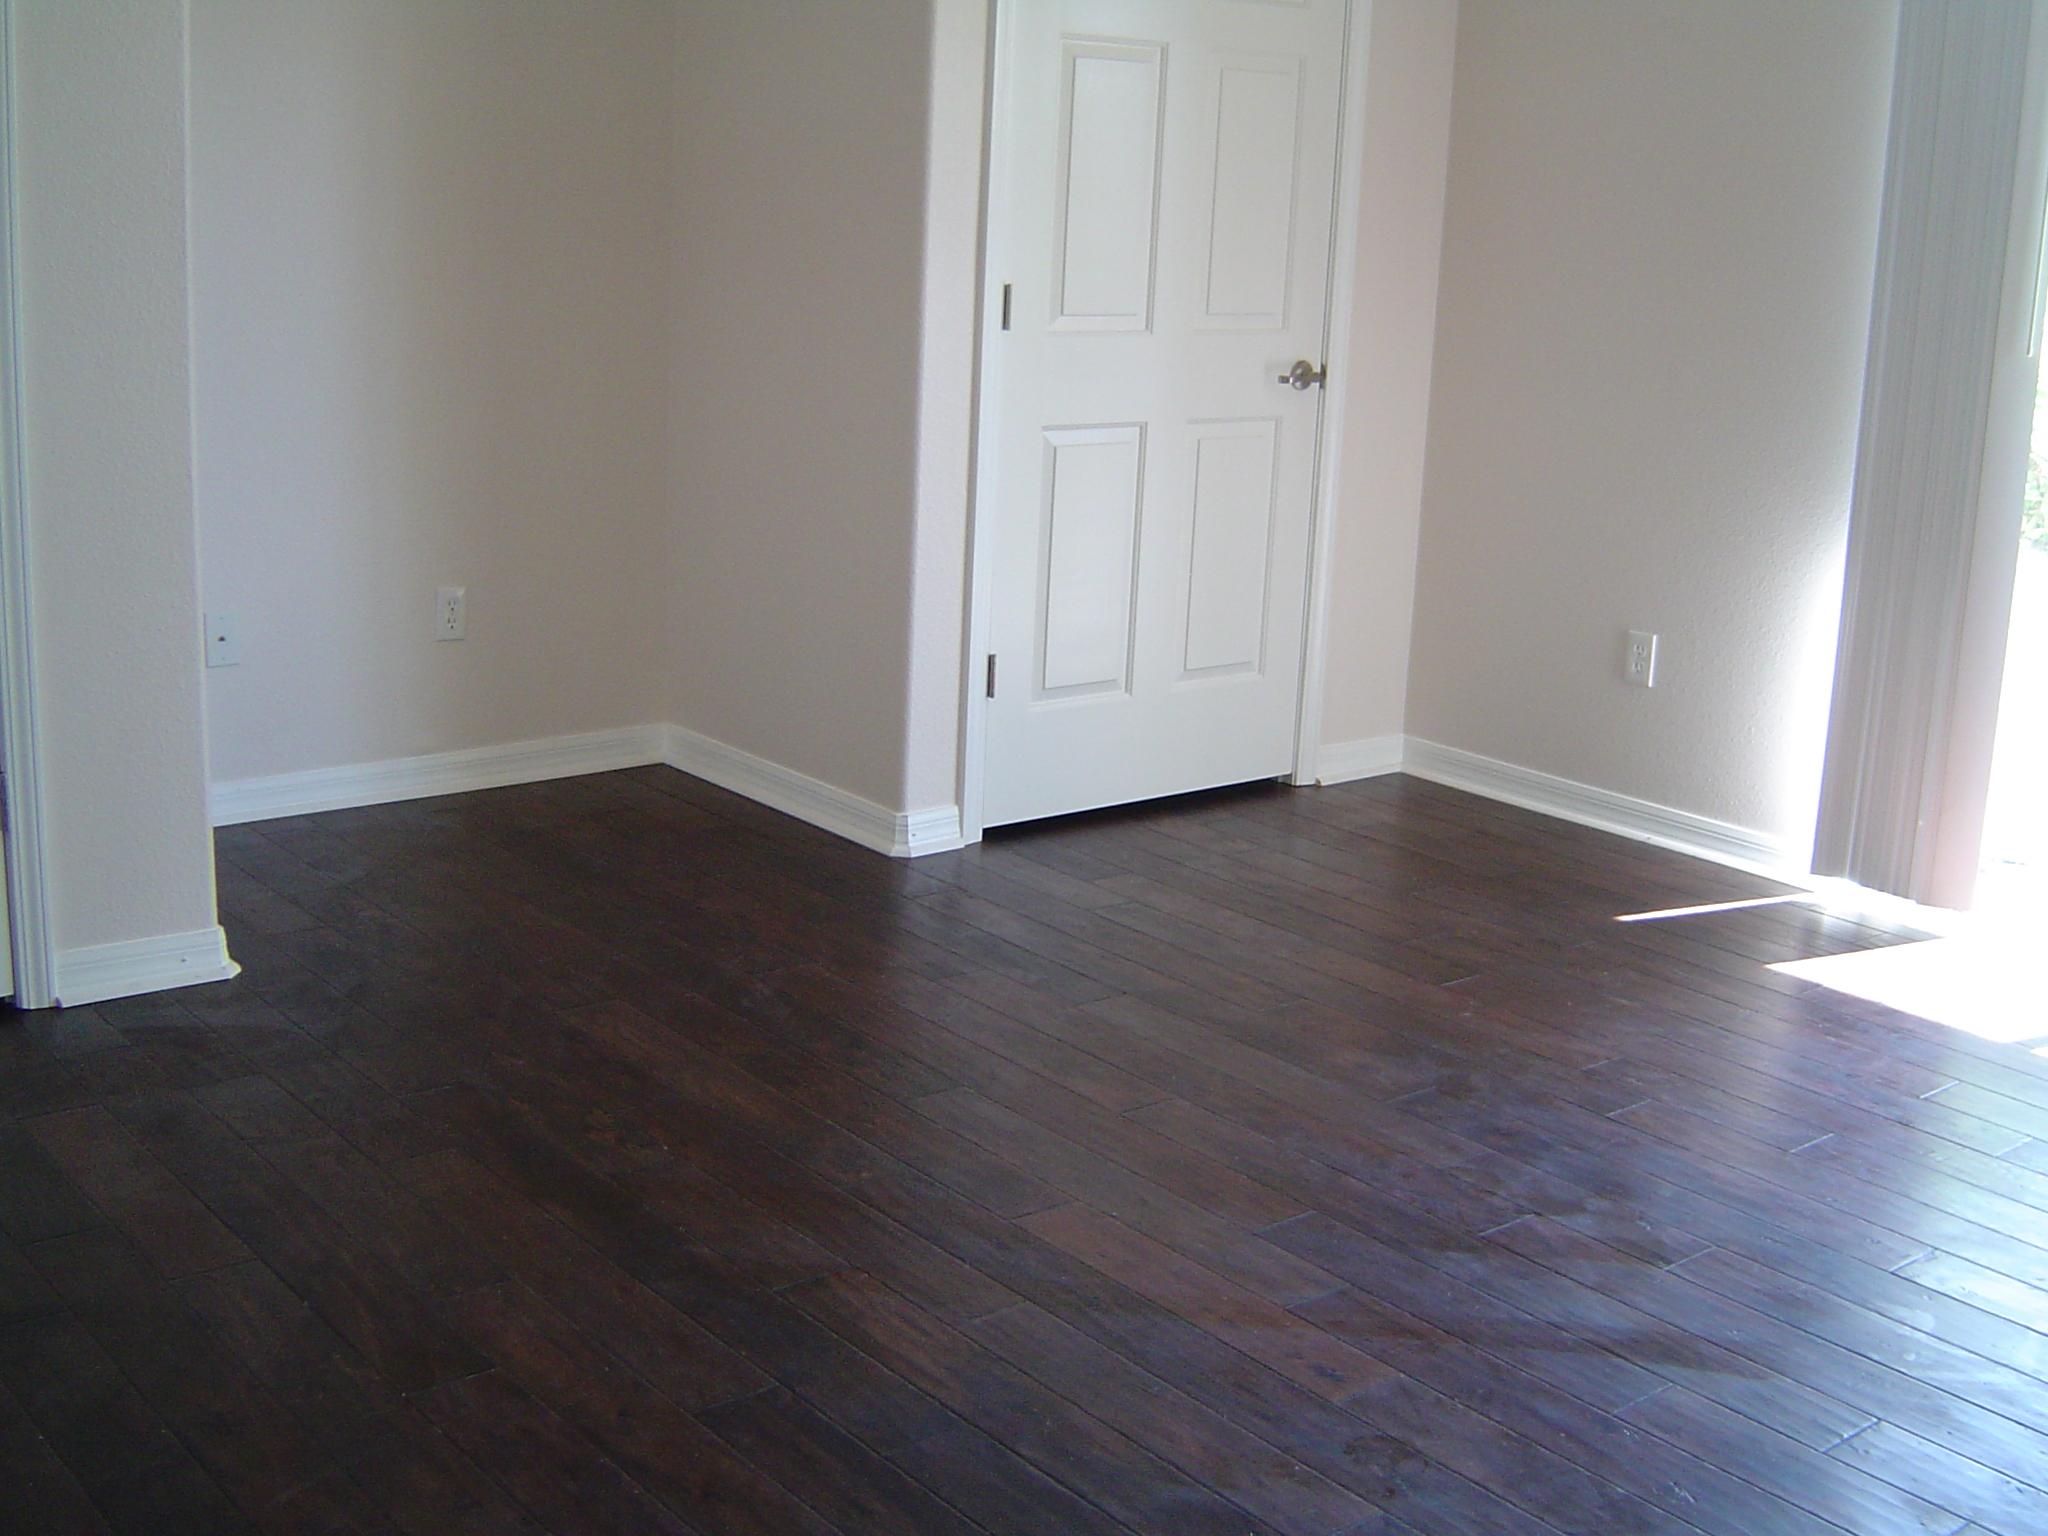 custom wood floor installed by tricolor flooring